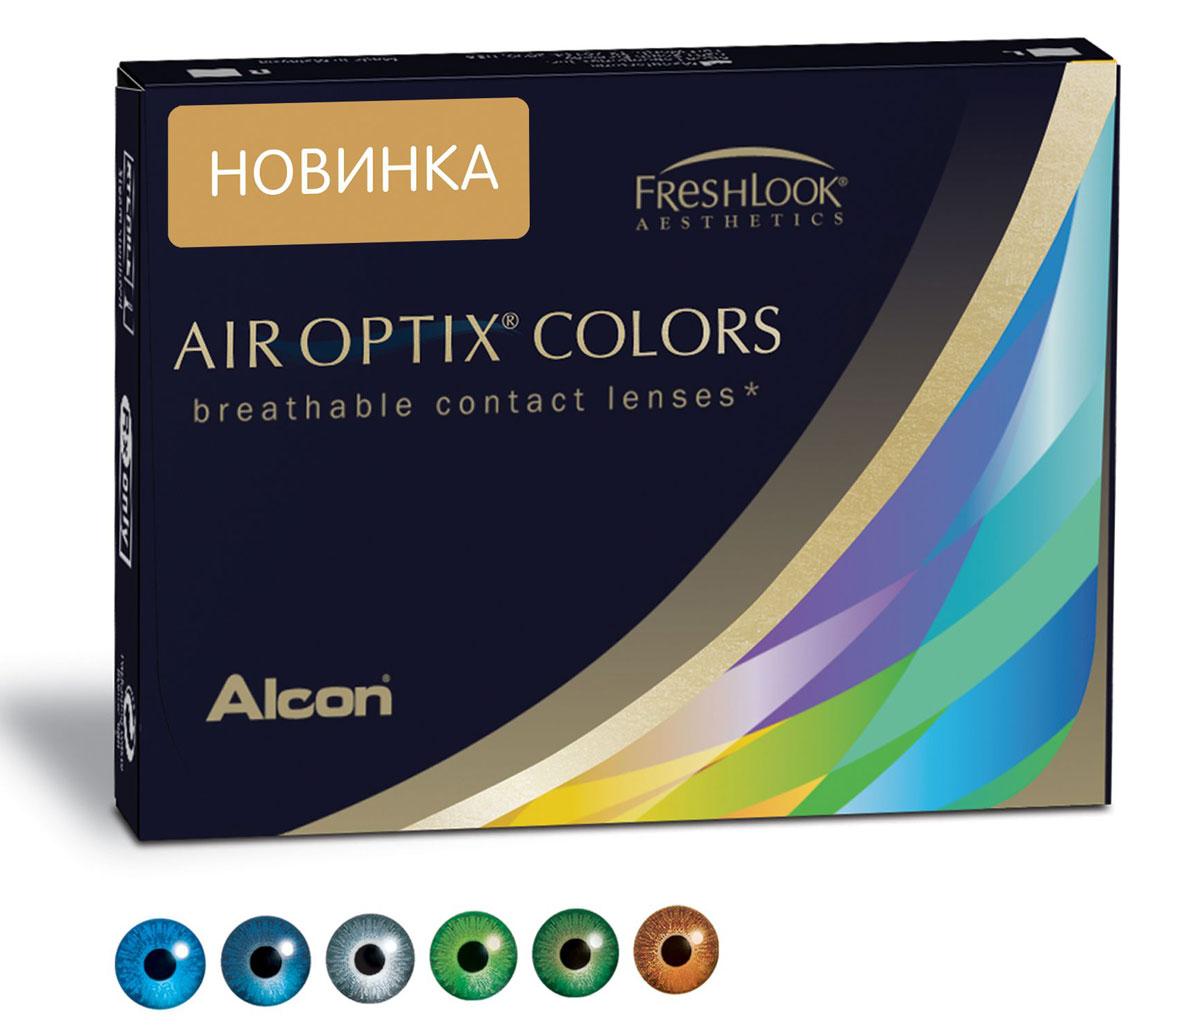 Аlcon контактные линзы Air Optix Colors 2 шт -3.25 GreenФМ000000199Мягкие контактные линзыКонтактные линзы или очки: советы офтальмологов. Статья OZON Гид